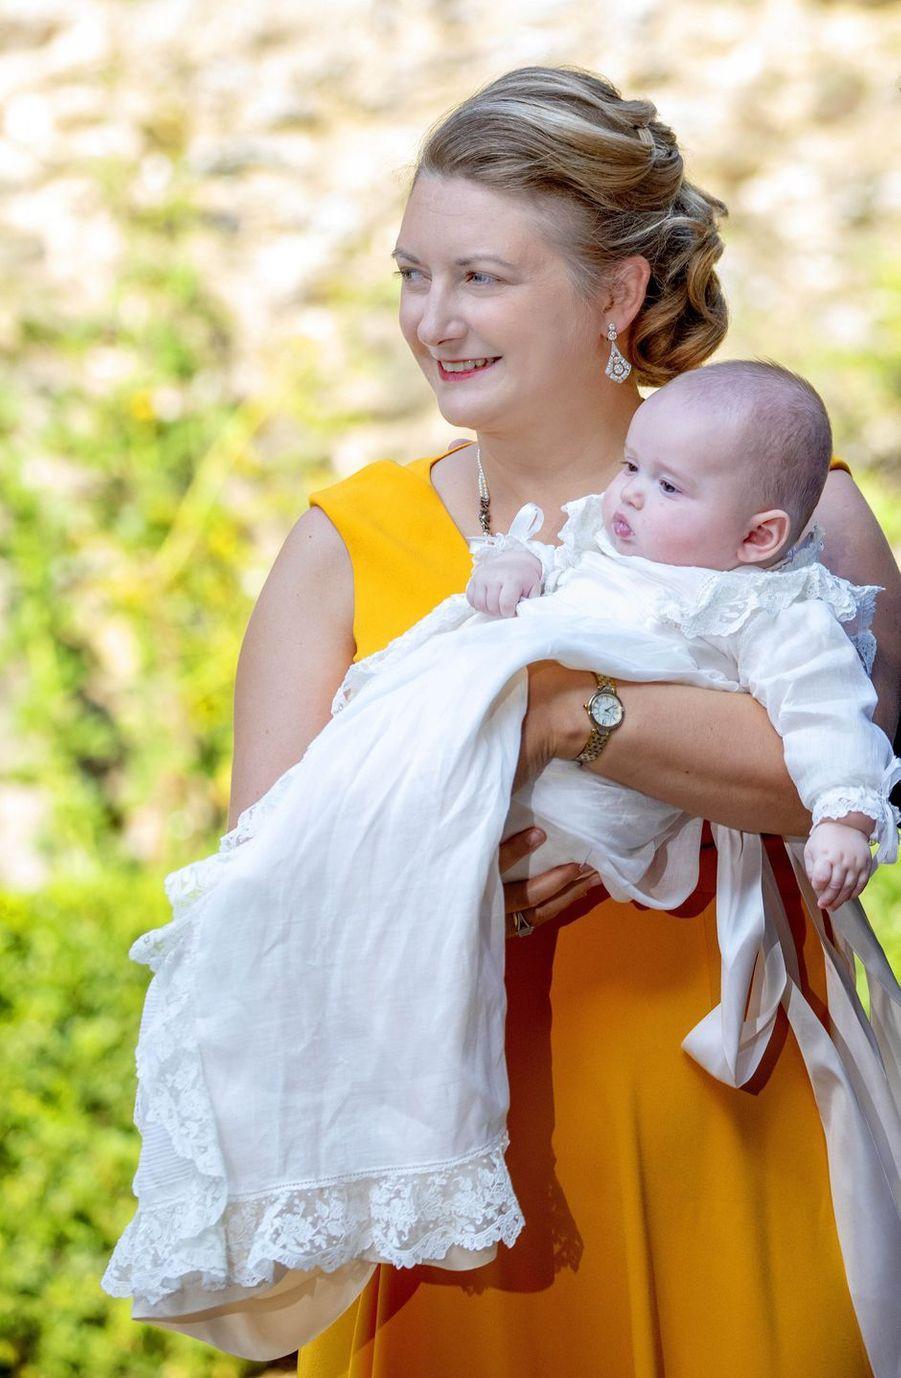 Le prince Charles de Luxembourg, le 19 septembre 2020, jour de son baptême, avec sa mère la princesse Stéphanie